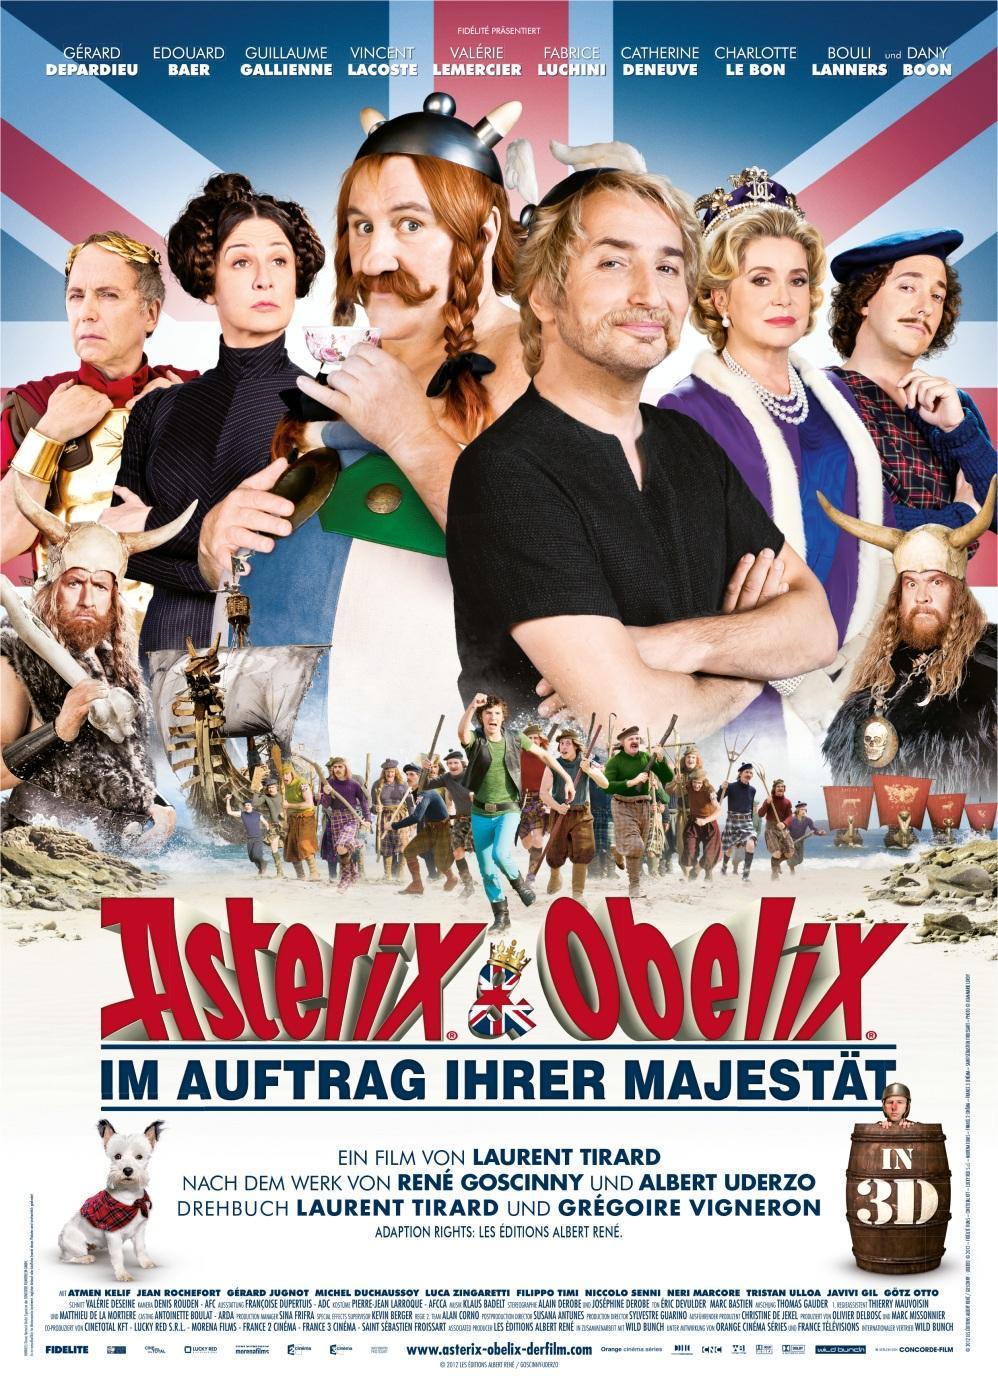 Asterix & Obelix - Im Auftrag Ihrer Majestät (Poster)